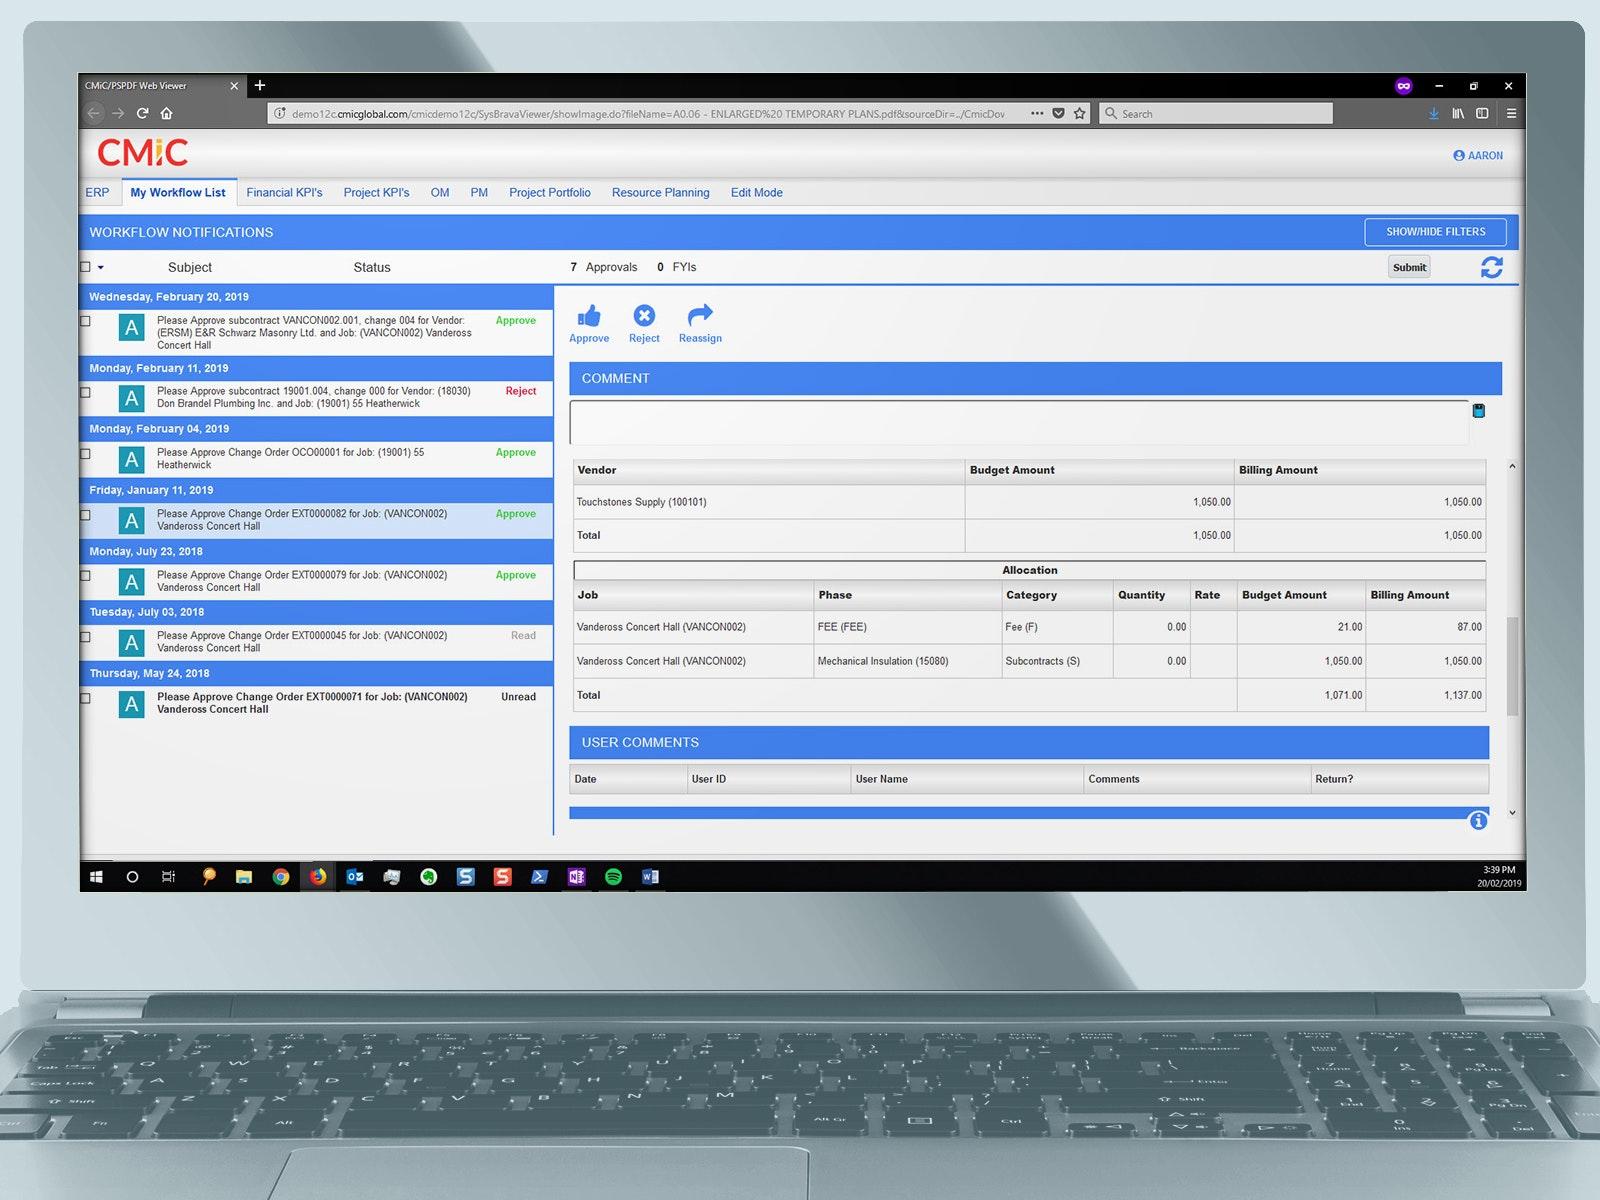 CMiC - workflow management